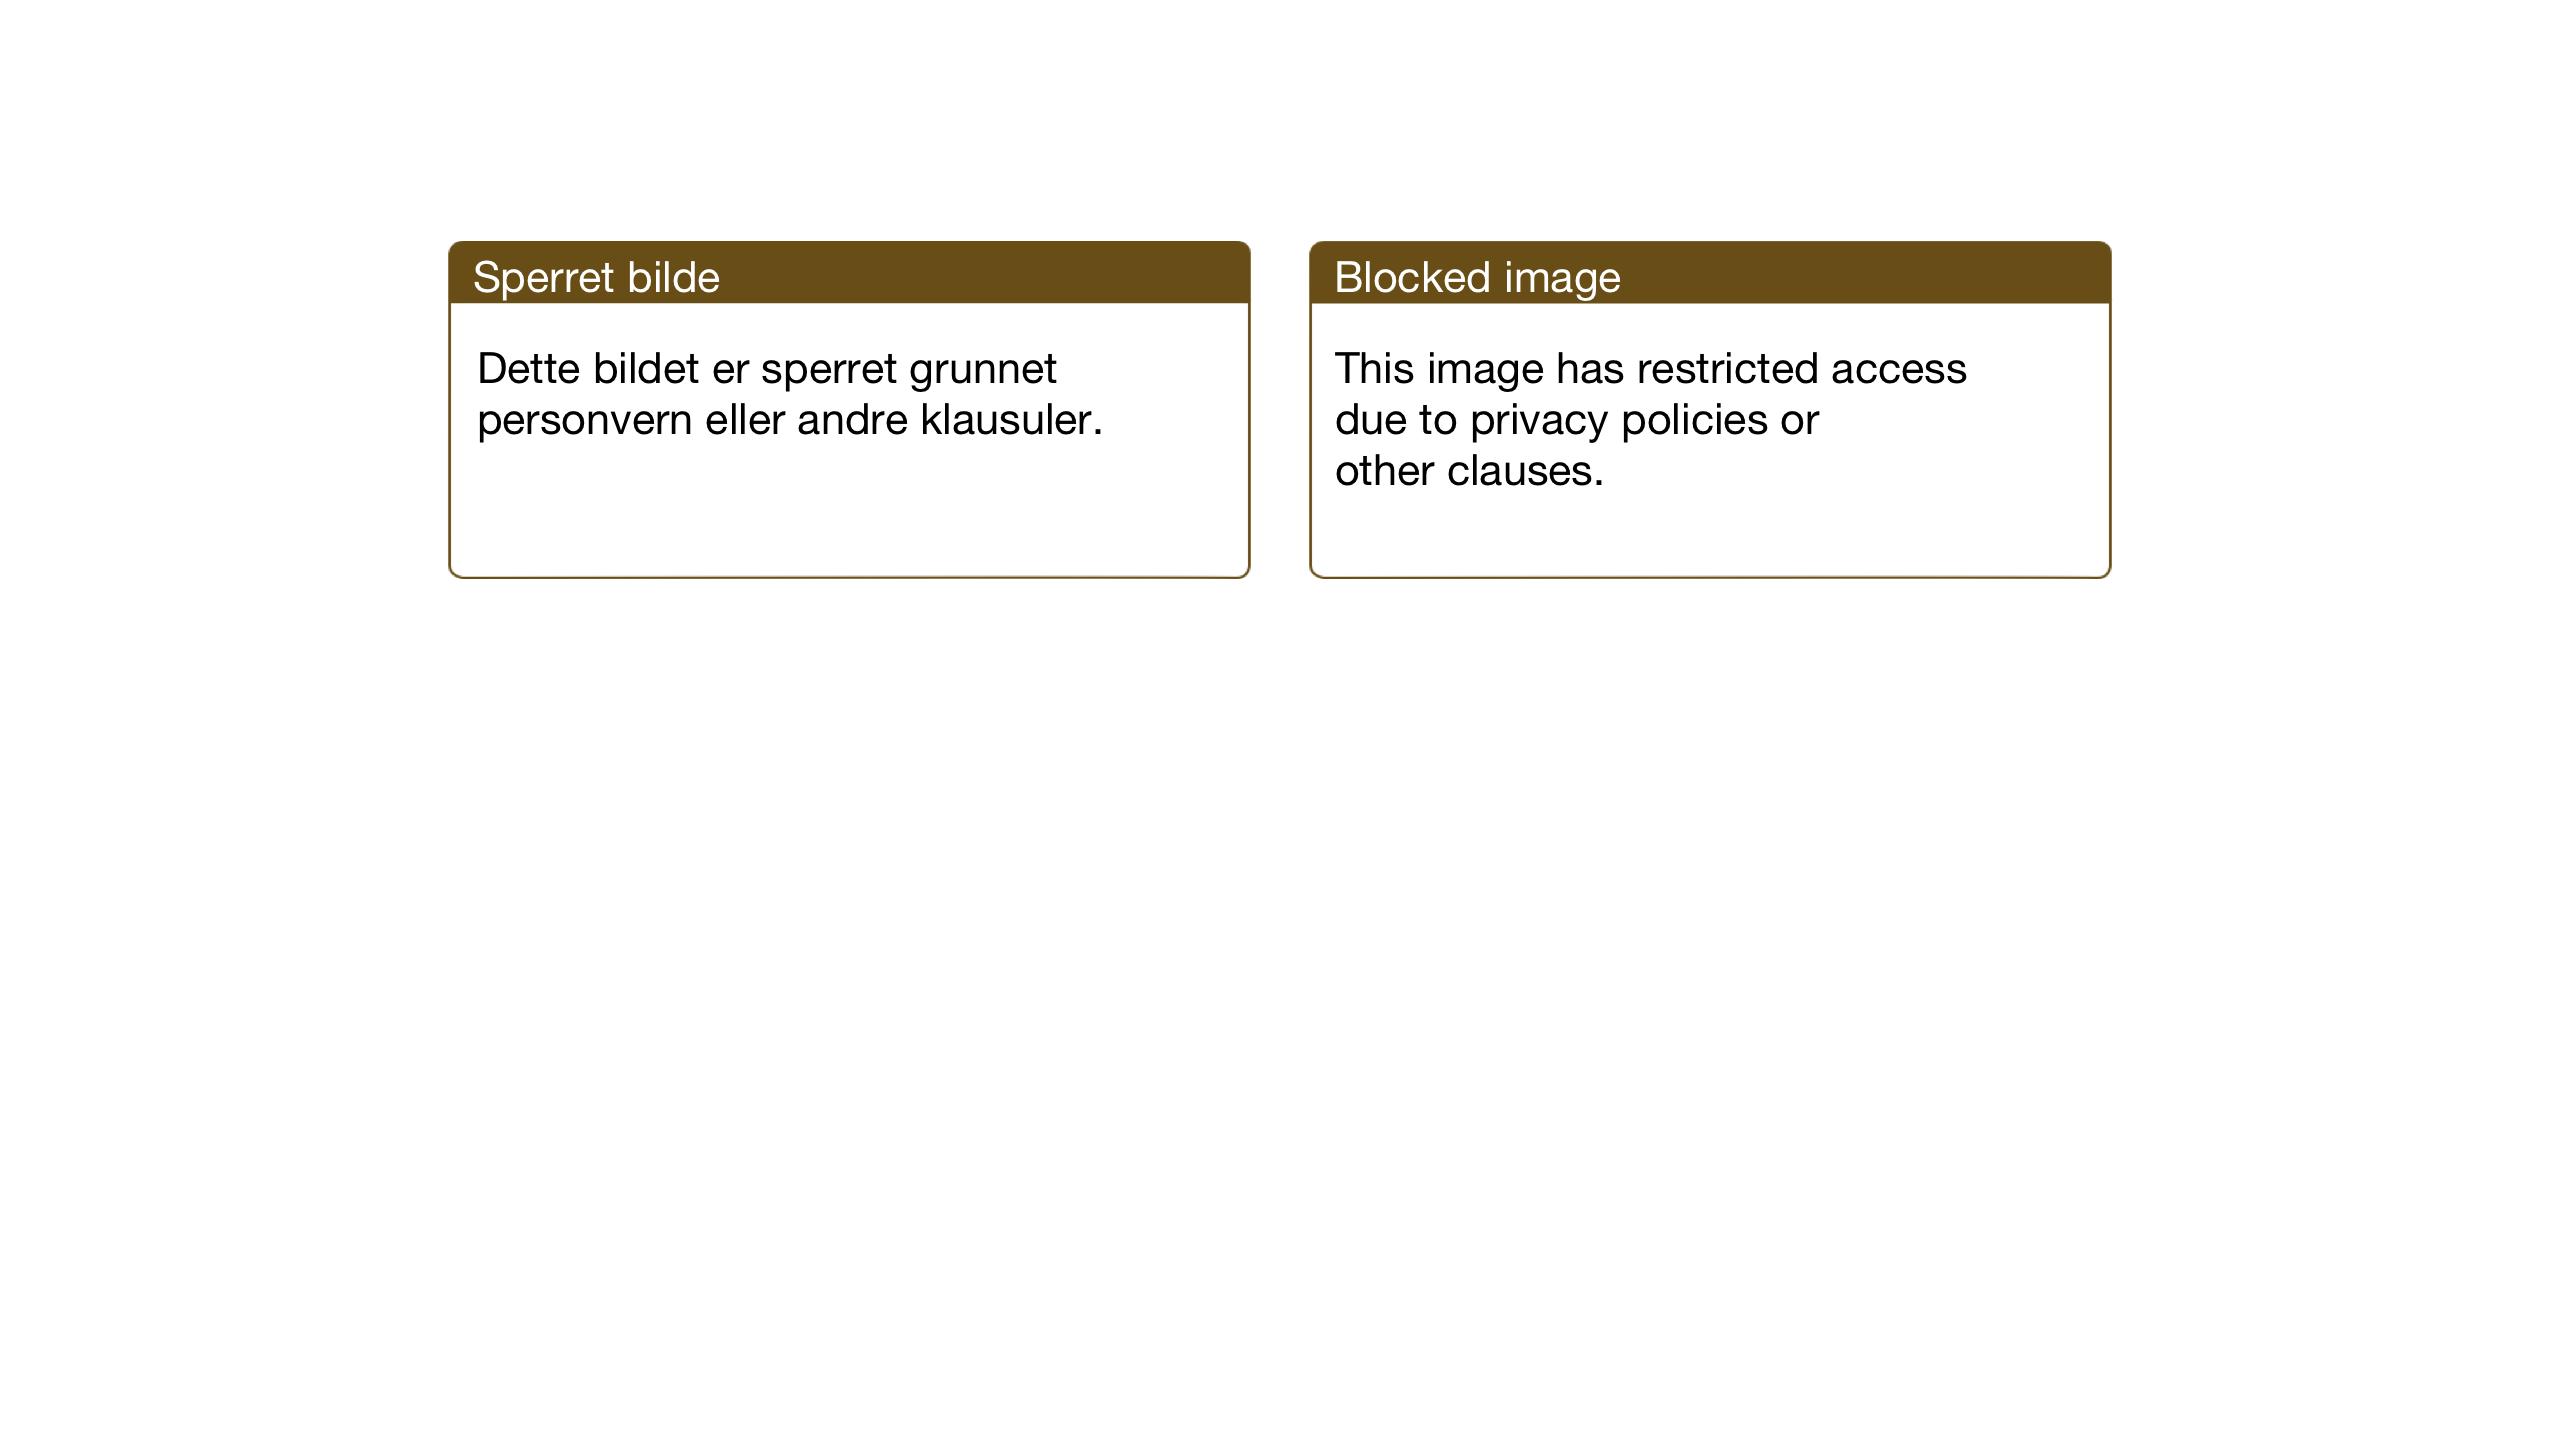 SAT, Ministerialprotokoller, klokkerbøker og fødselsregistre - Sør-Trøndelag, 607/L0328: Klokkerbok nr. 607C02, 1940-1948, s. 47